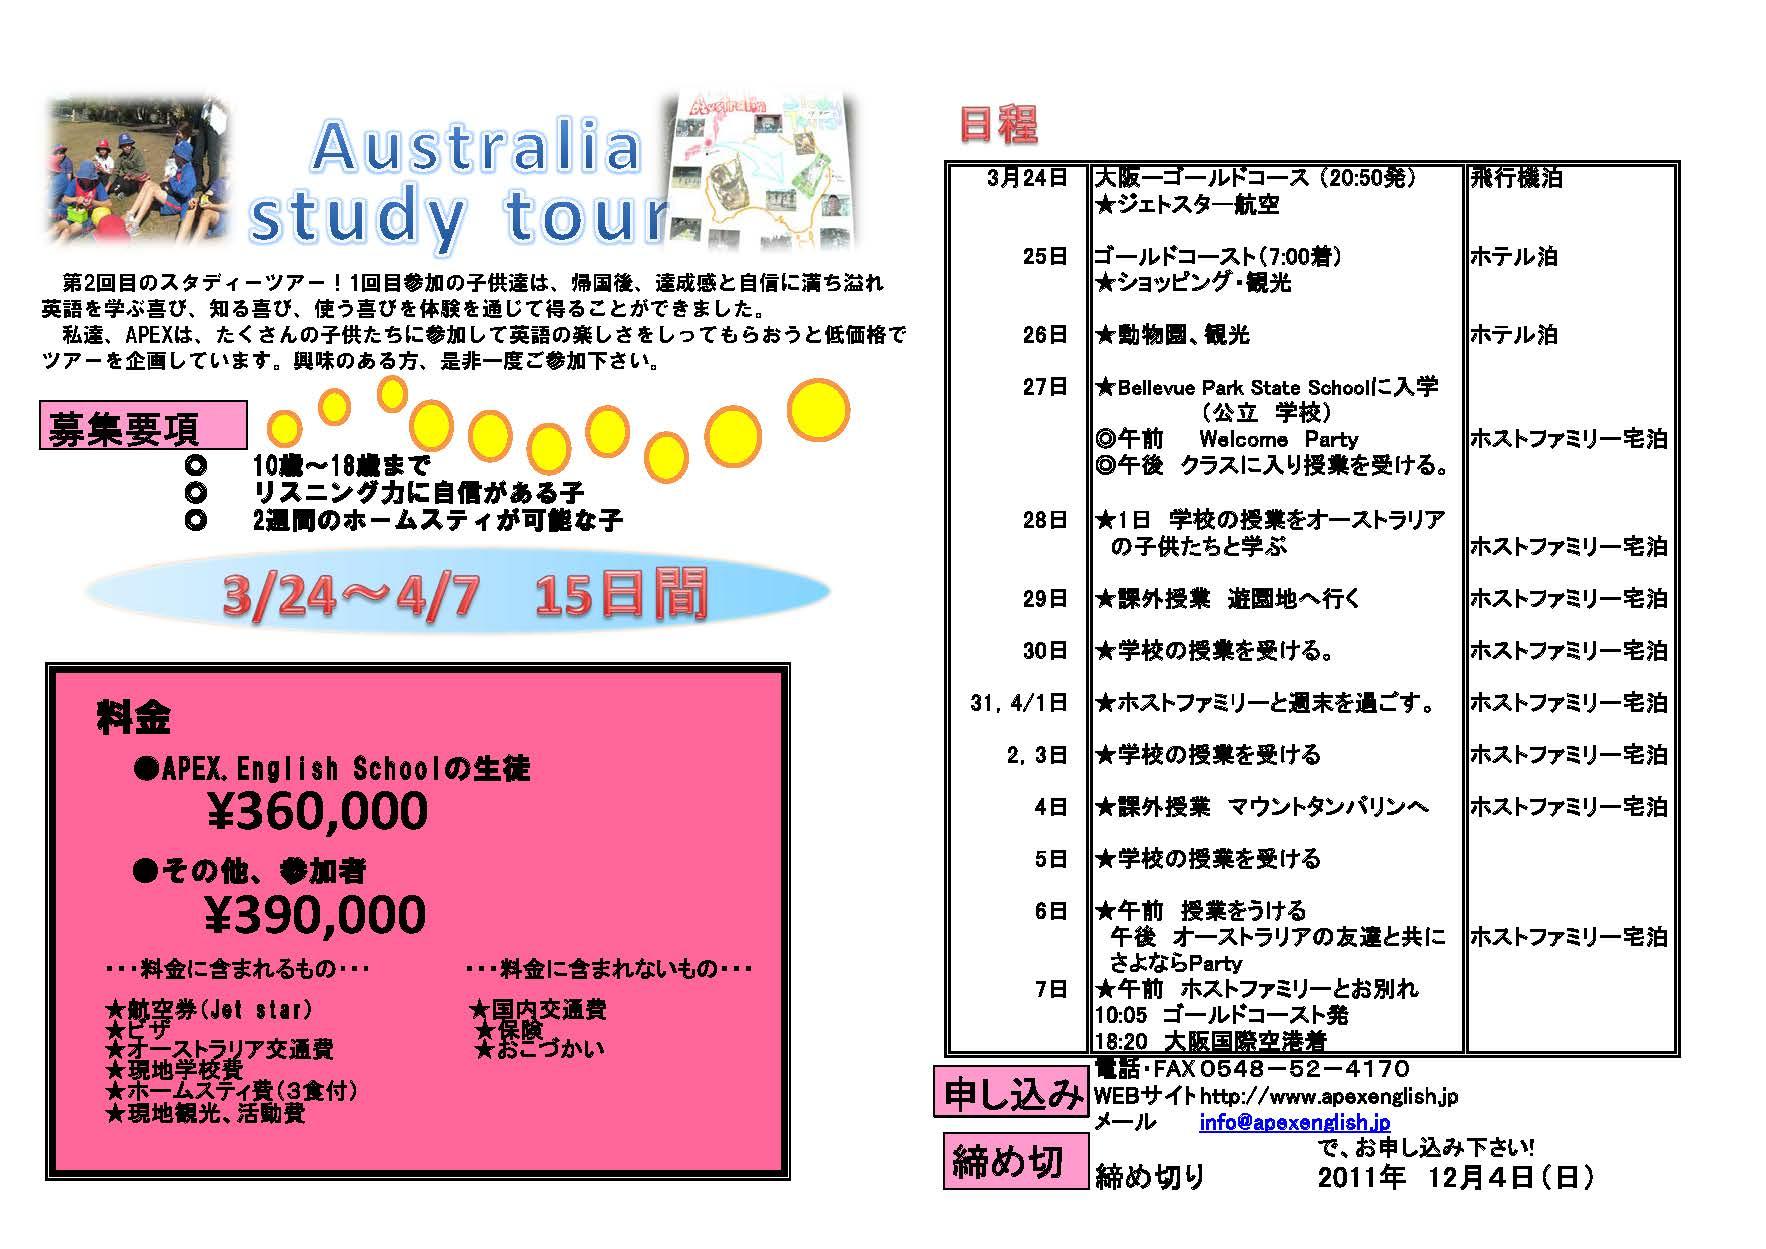 オーストラリア 短期春留学 募集中_b0193476_12423542.jpg